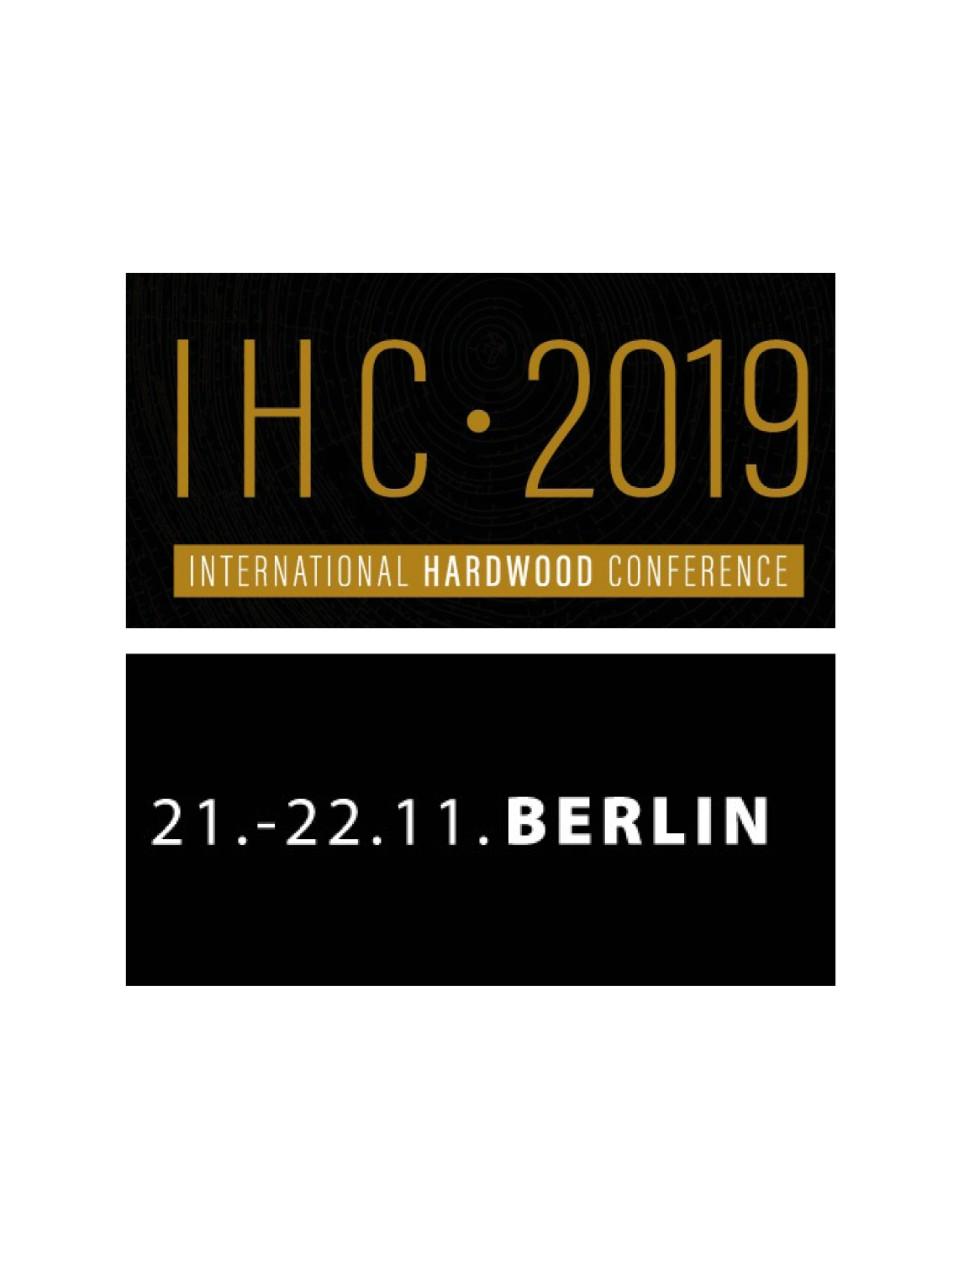 IHC 2019. Logo integrado y renovado